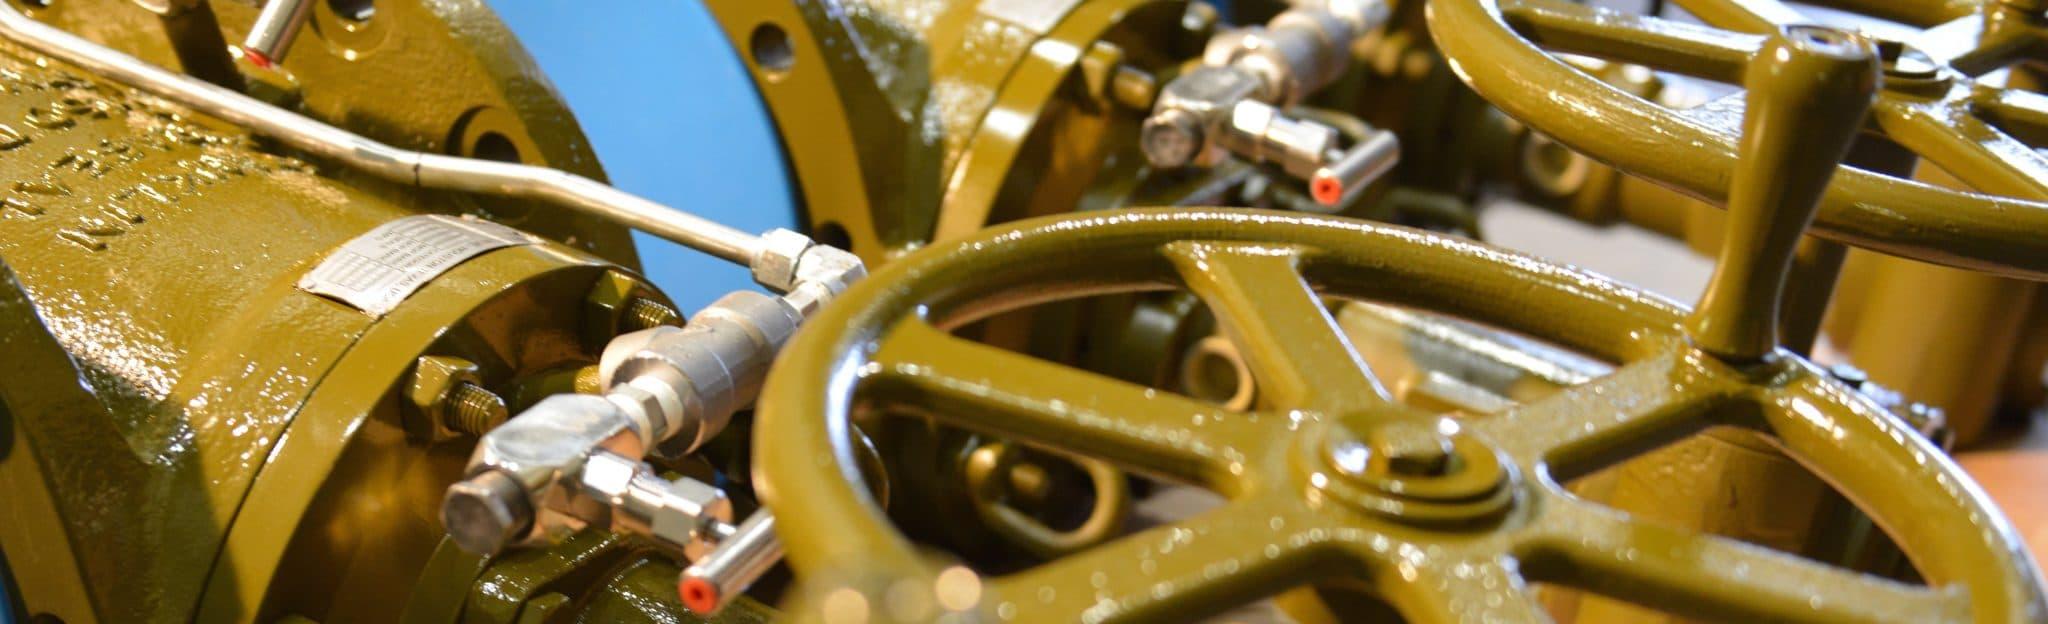 Franklin Expanding Plug Valves